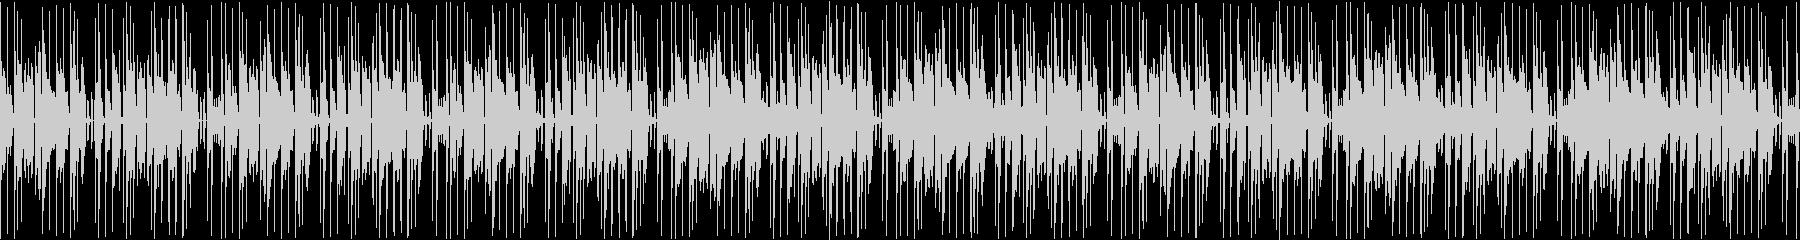 (ループ仕様)怪しさ漂うBGMの未再生の波形